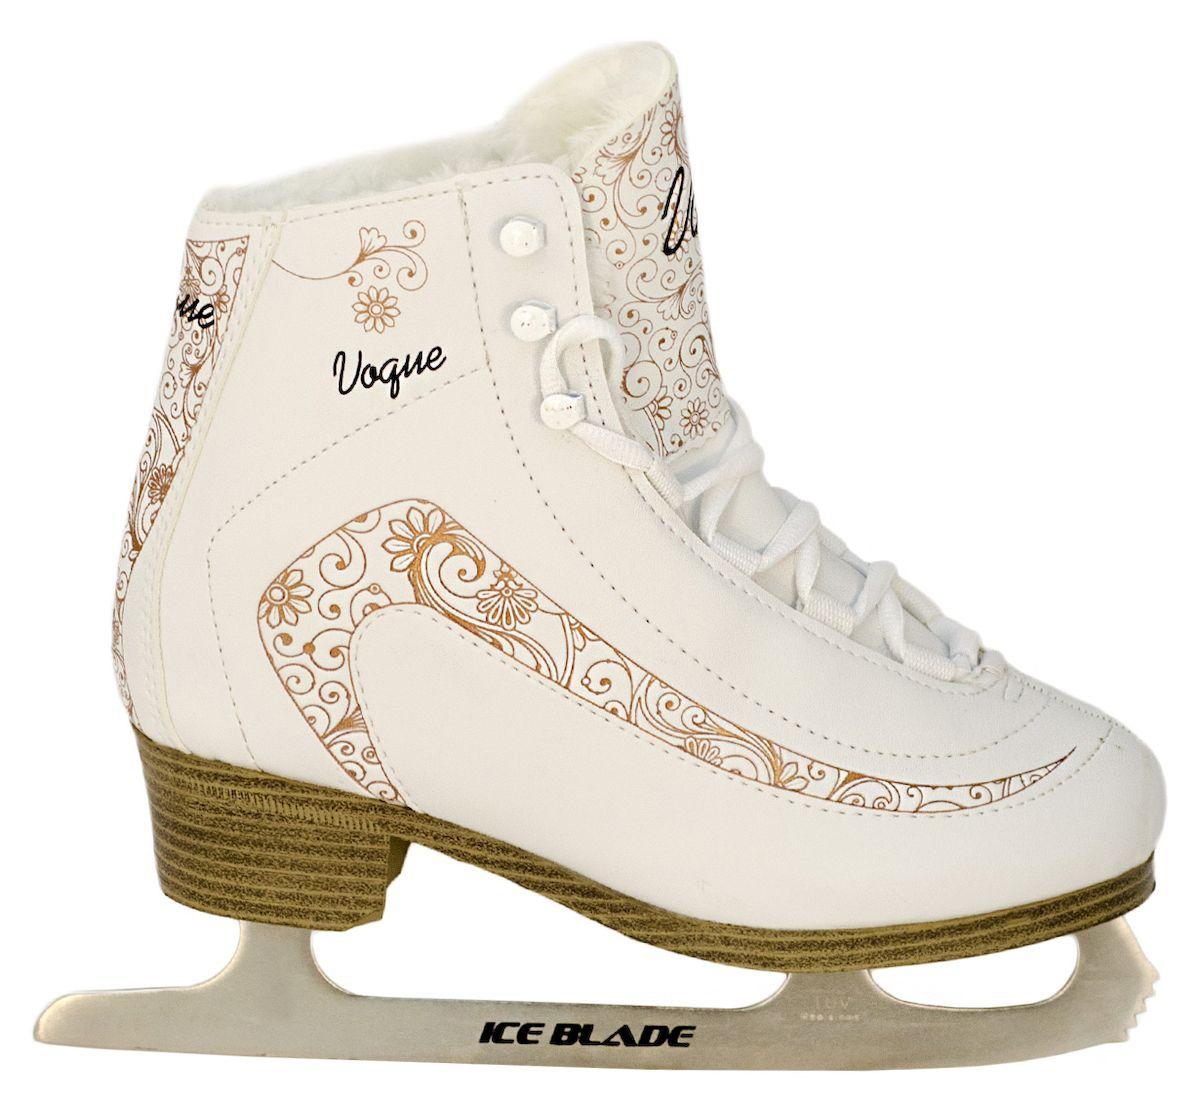 Коньки фигурные Ice Blade Vogue, цвет: белый, золотой. УТ-00006871. Размер 36